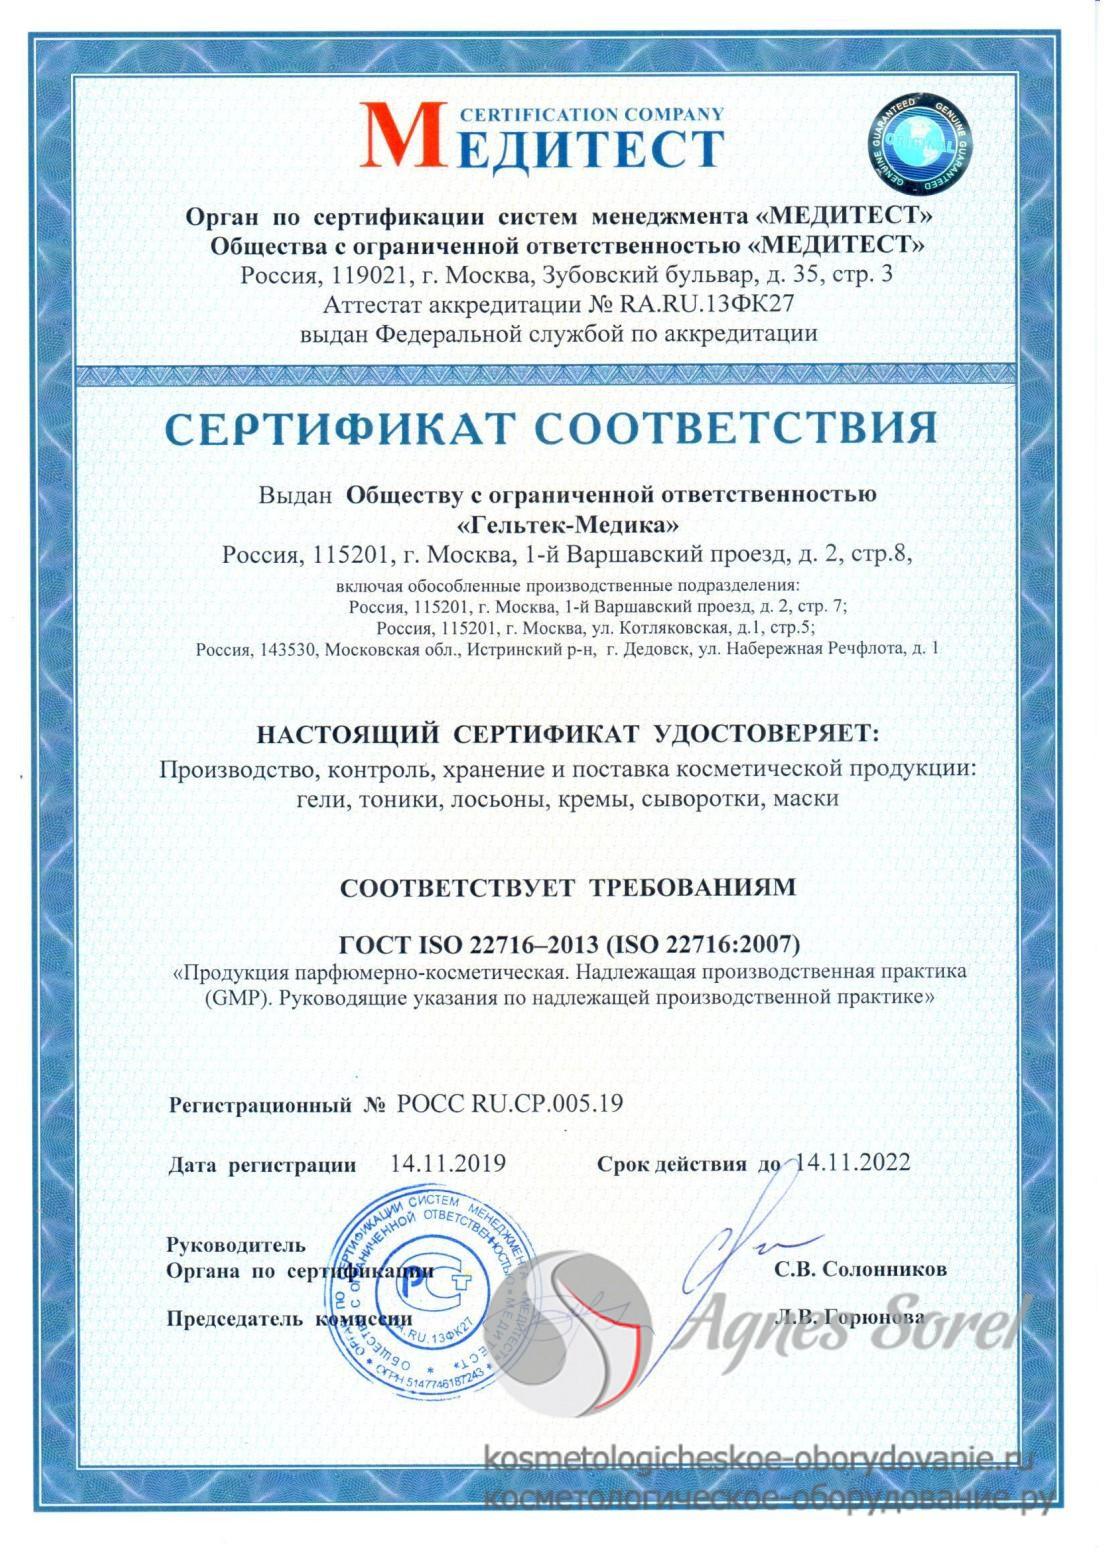 Гельтек Сертификат Соответствия